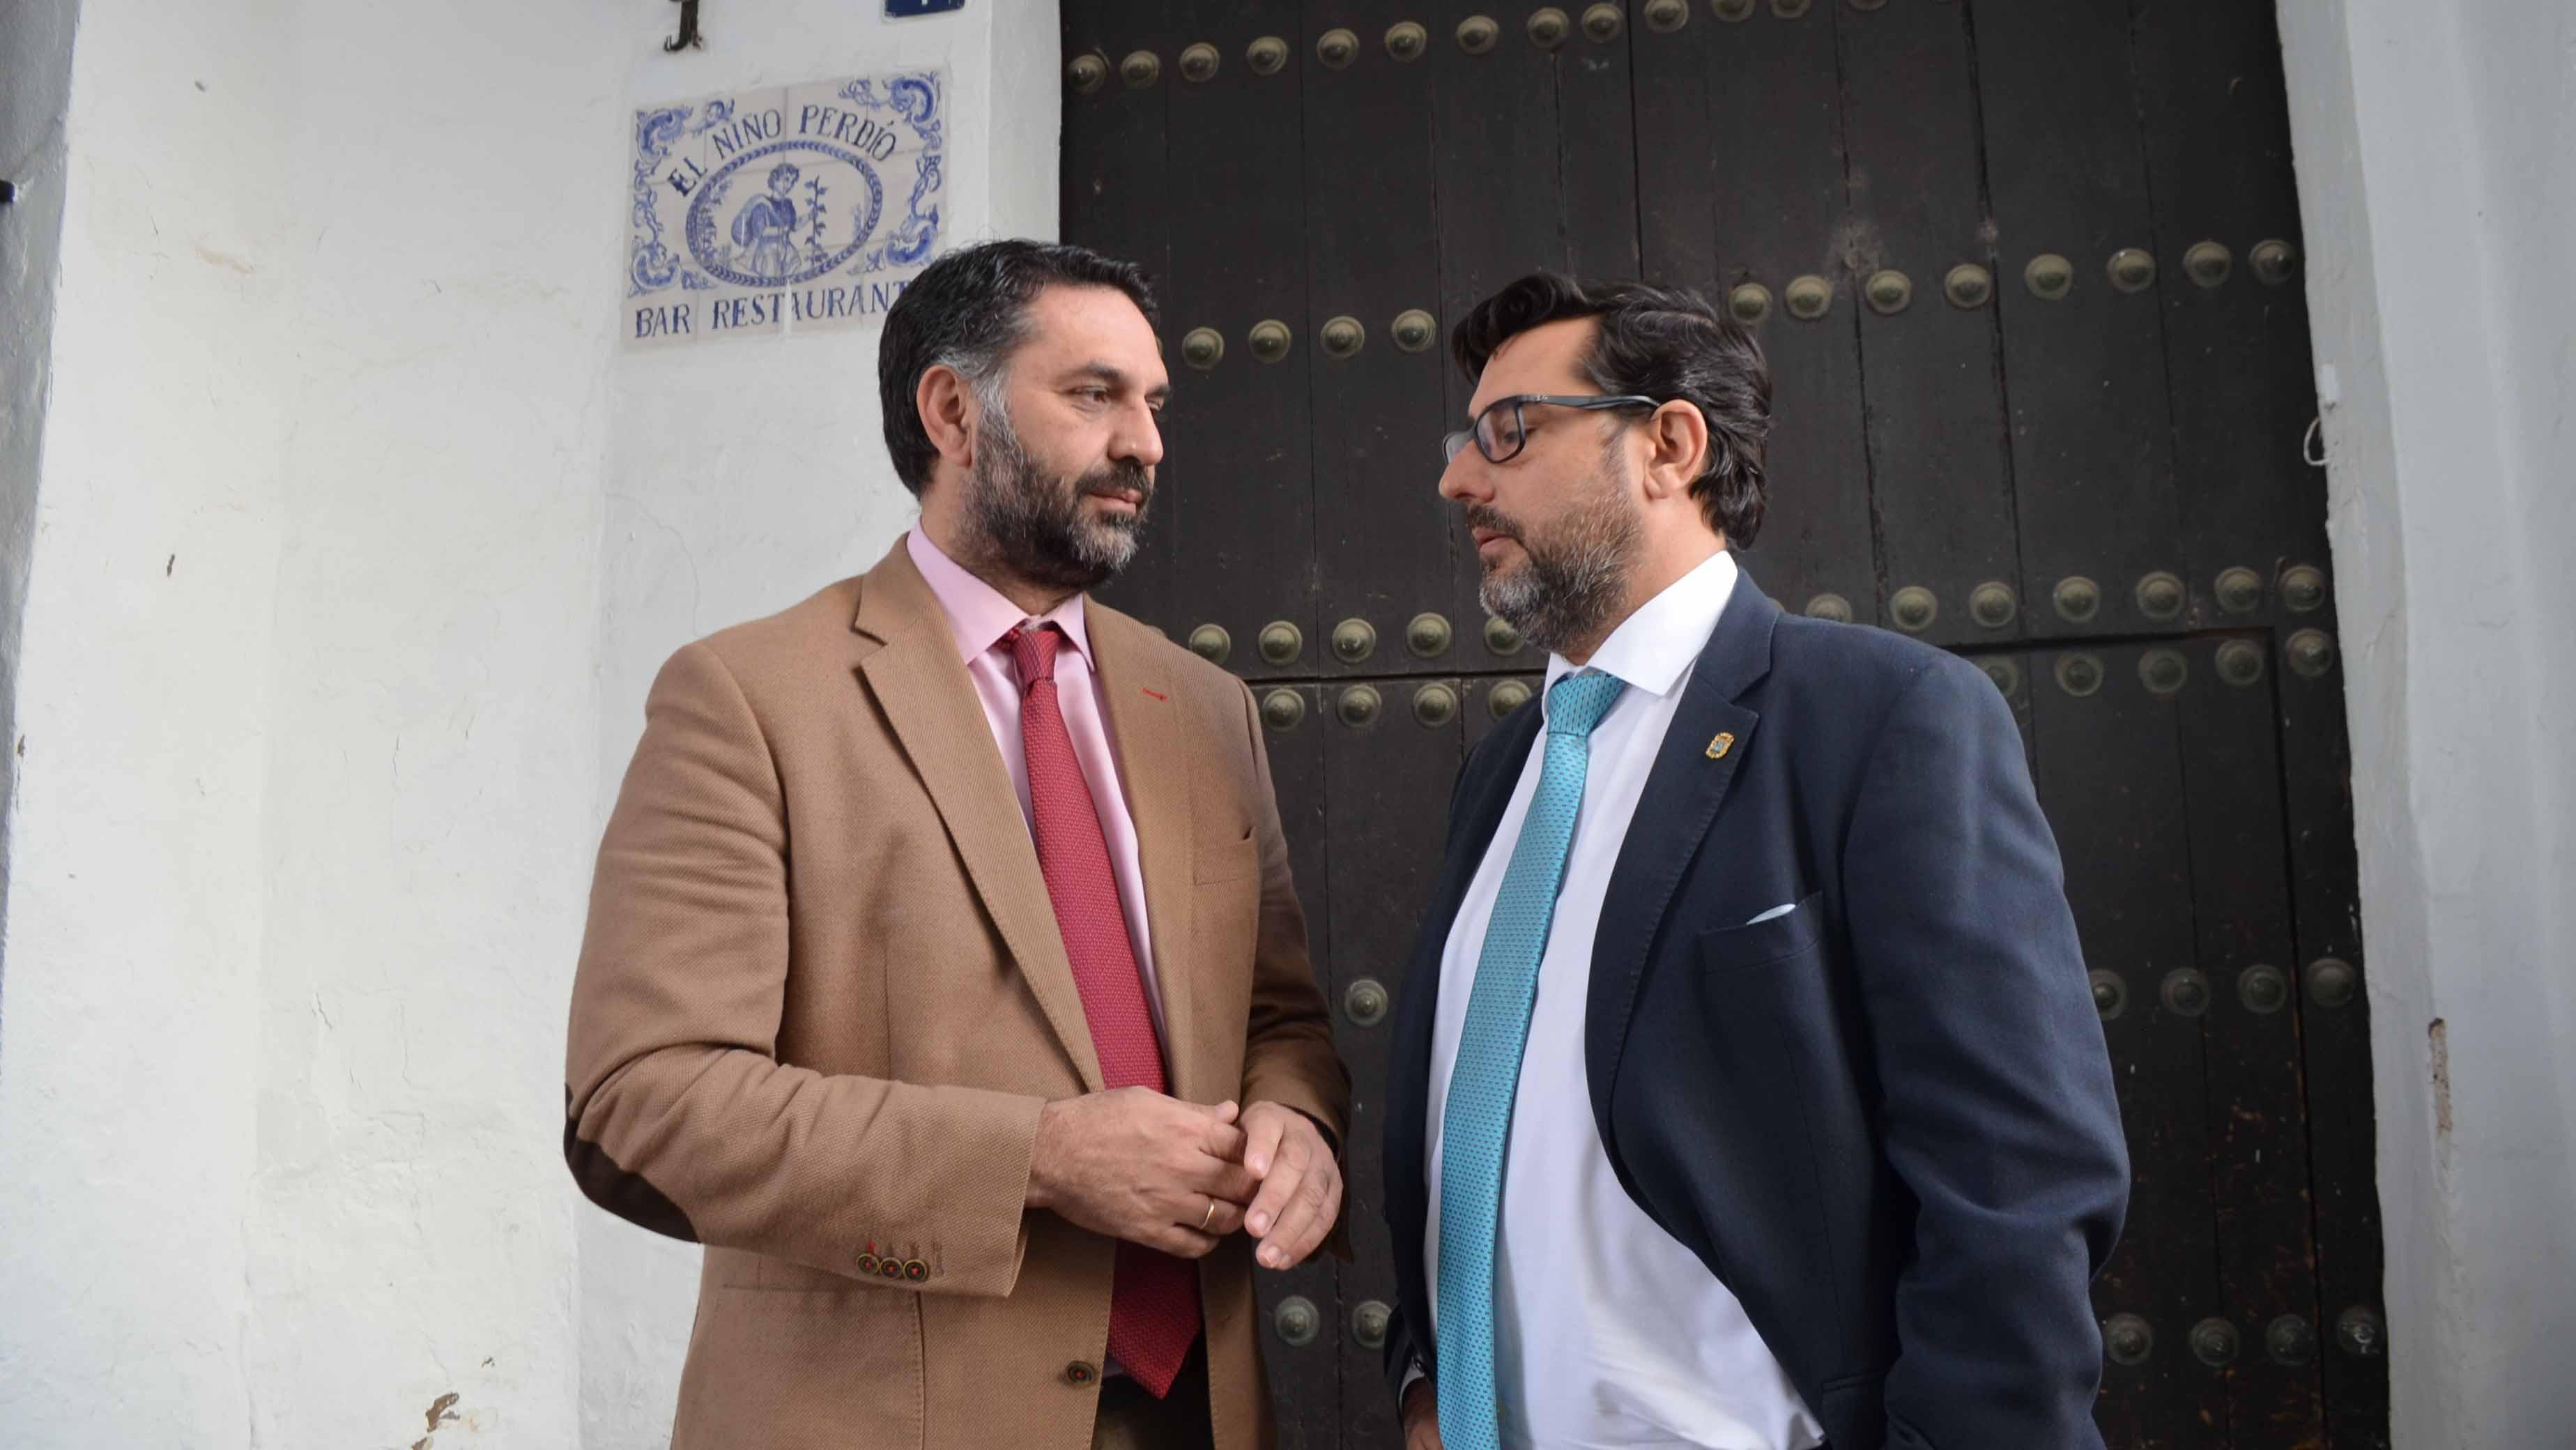 El consejero de Turismo junto al alcalde de Utrera en la antigua judería utrerana